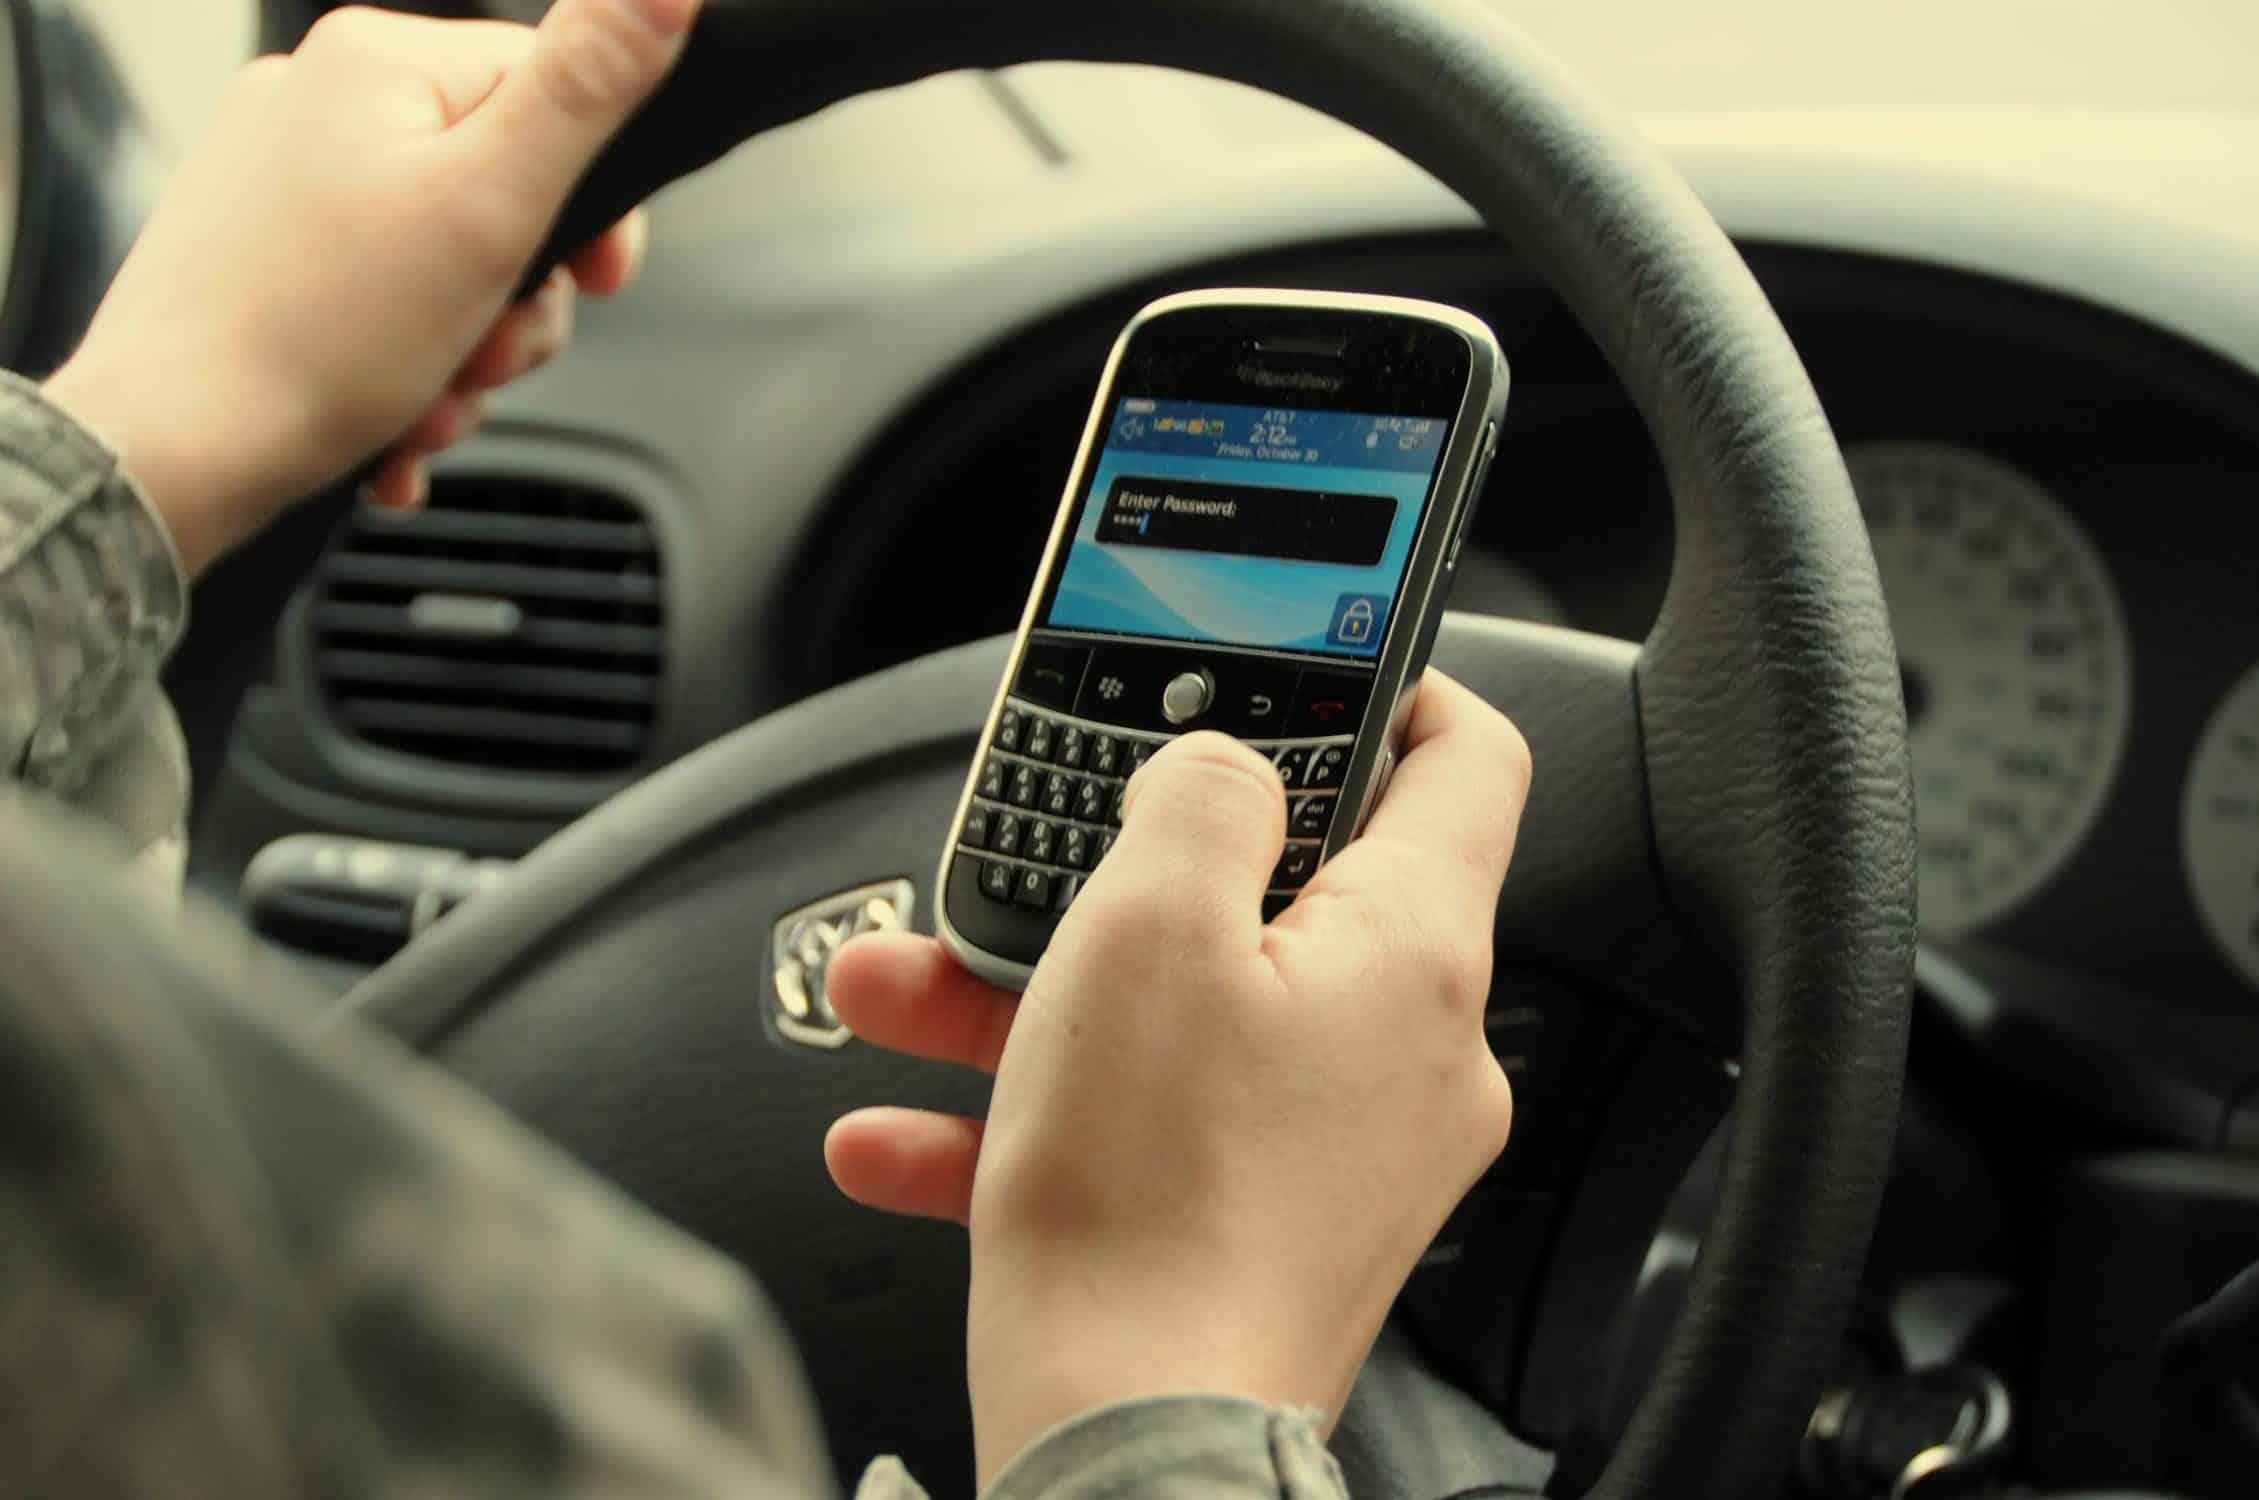 multa por dirigir falando ao celular valor